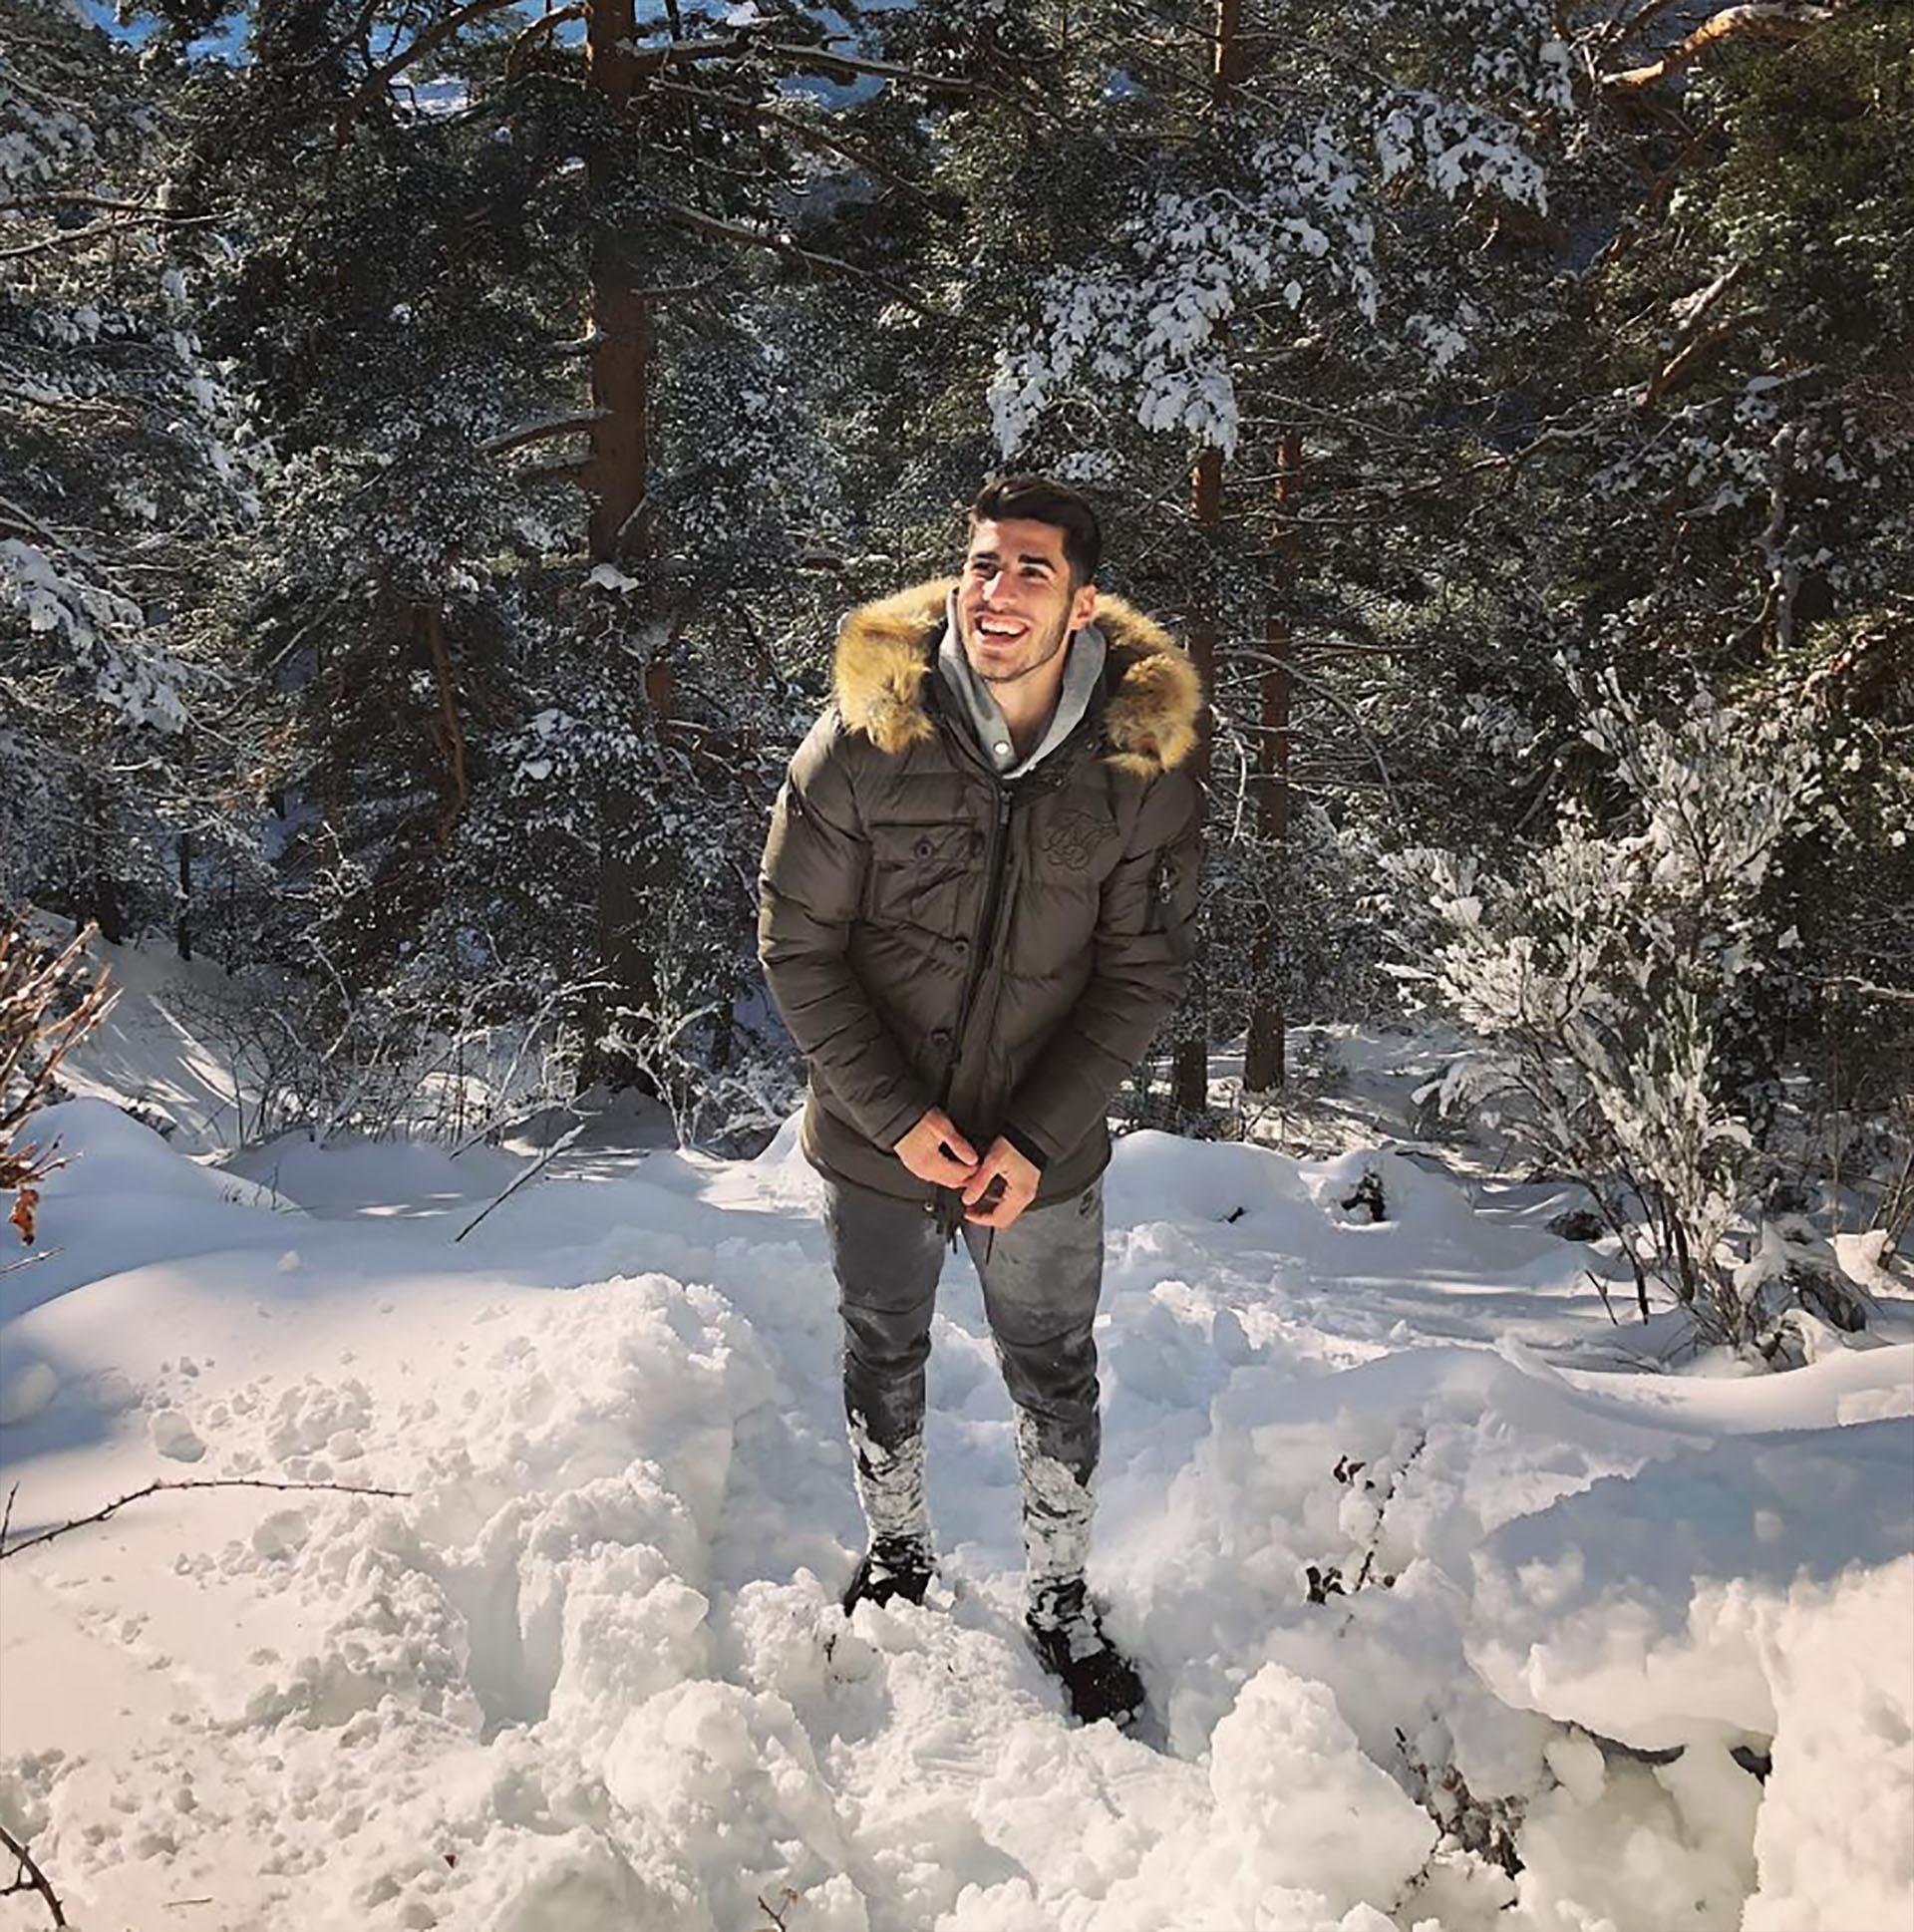 Marco Asensio, España, 22 años, soltero (Instagram)